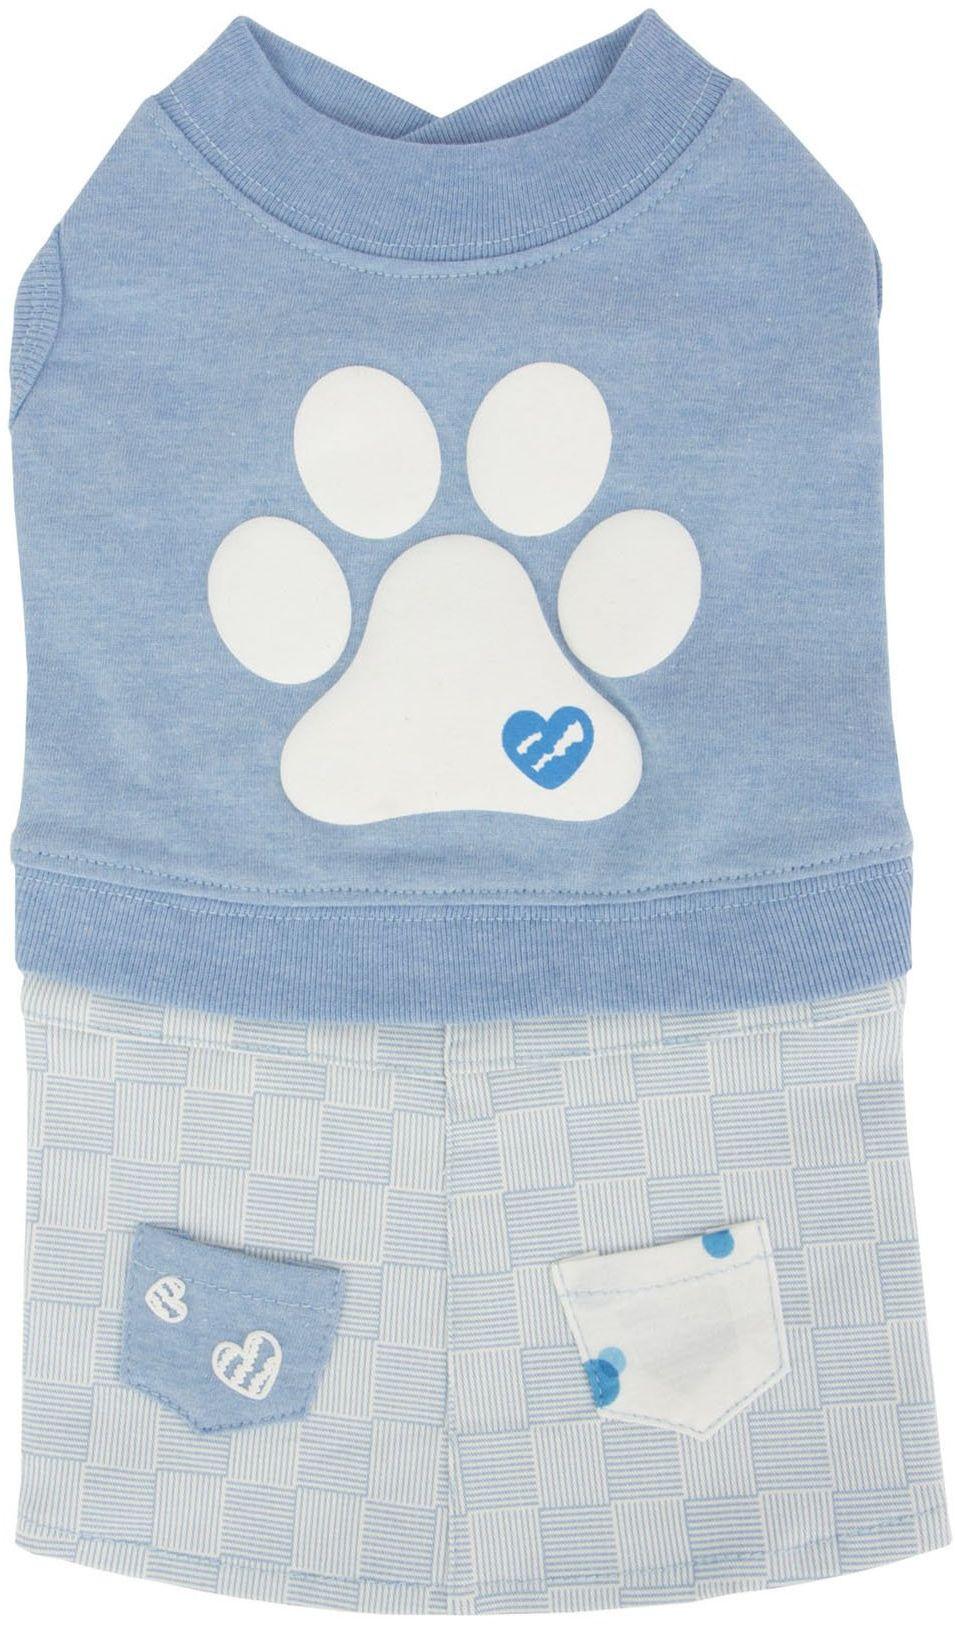 Pinkaholic New York NARA-OP7310-MB-S Ml.Blue Pawsh sukienki dla zwierząt domowych, małe